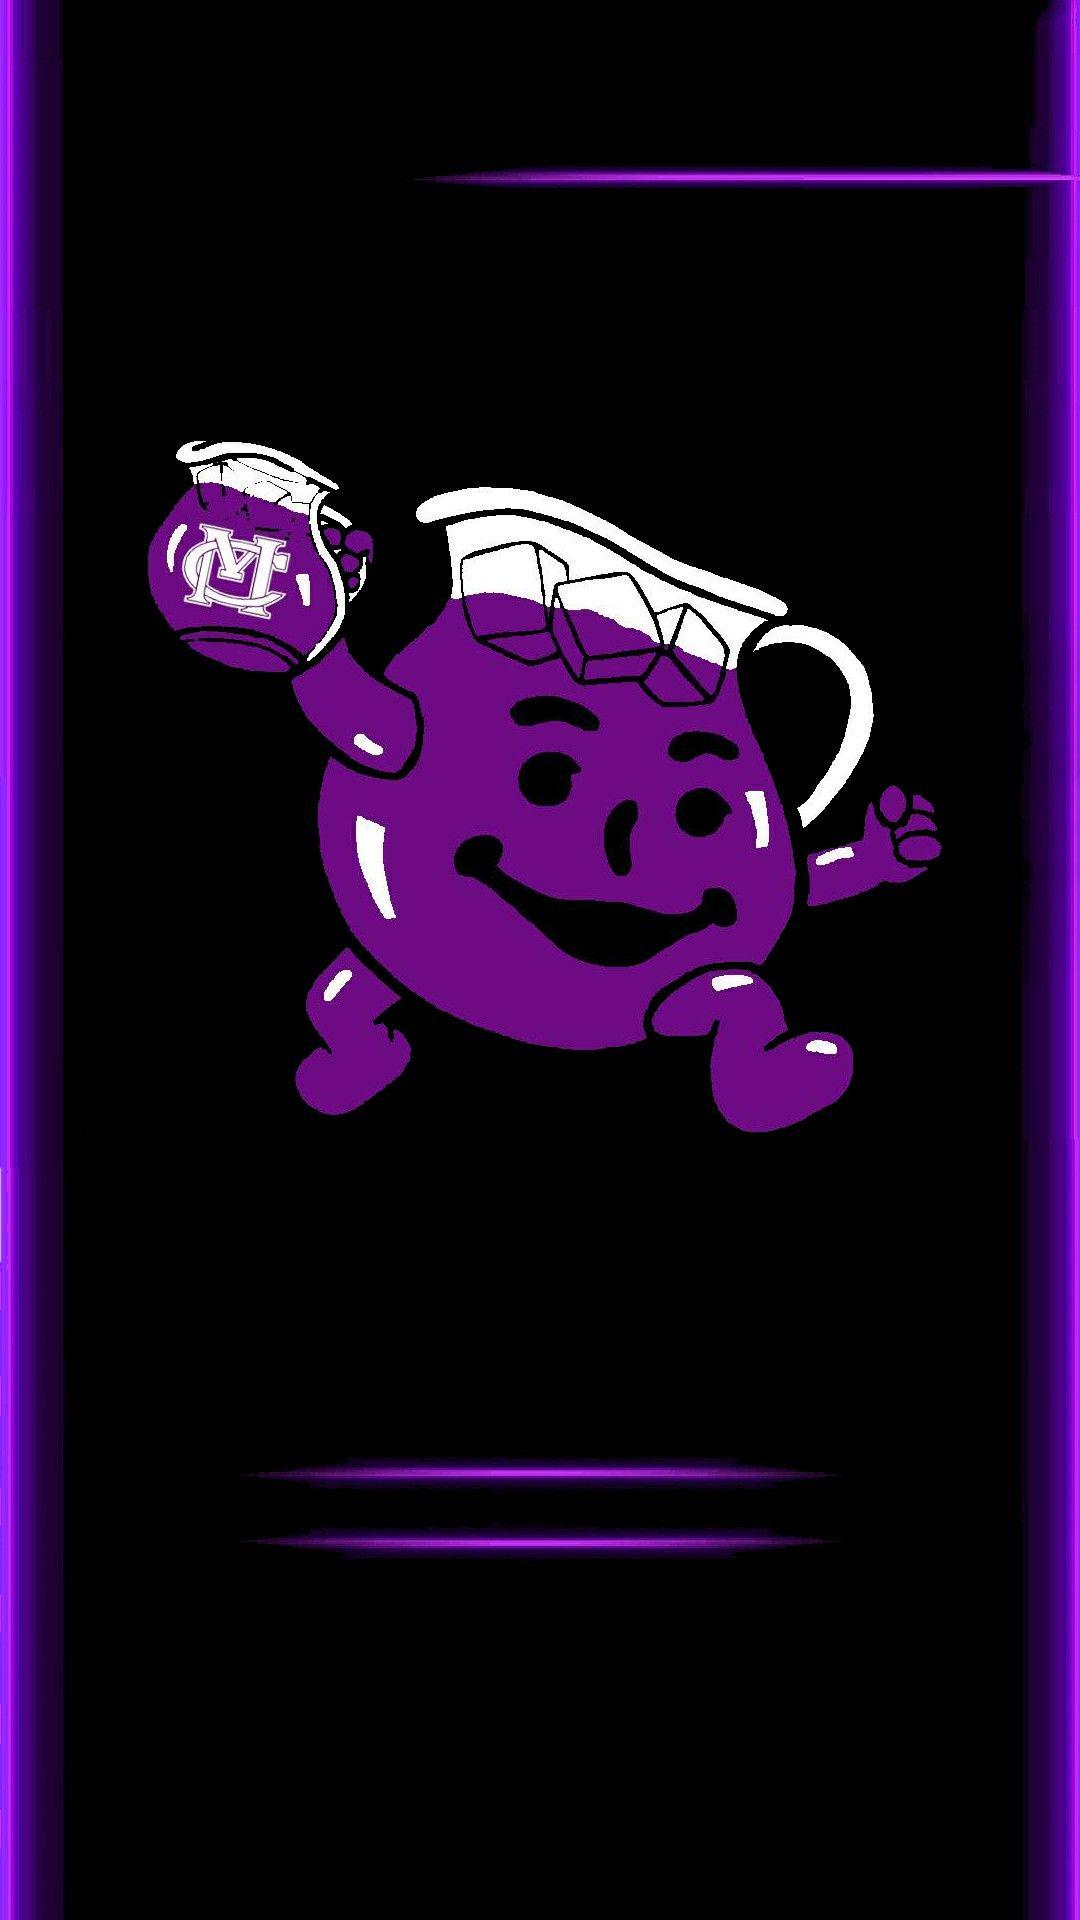 Kool - aid man in grape flavor.   Rock painting   Kool aid ... Purple Kool Aid Man